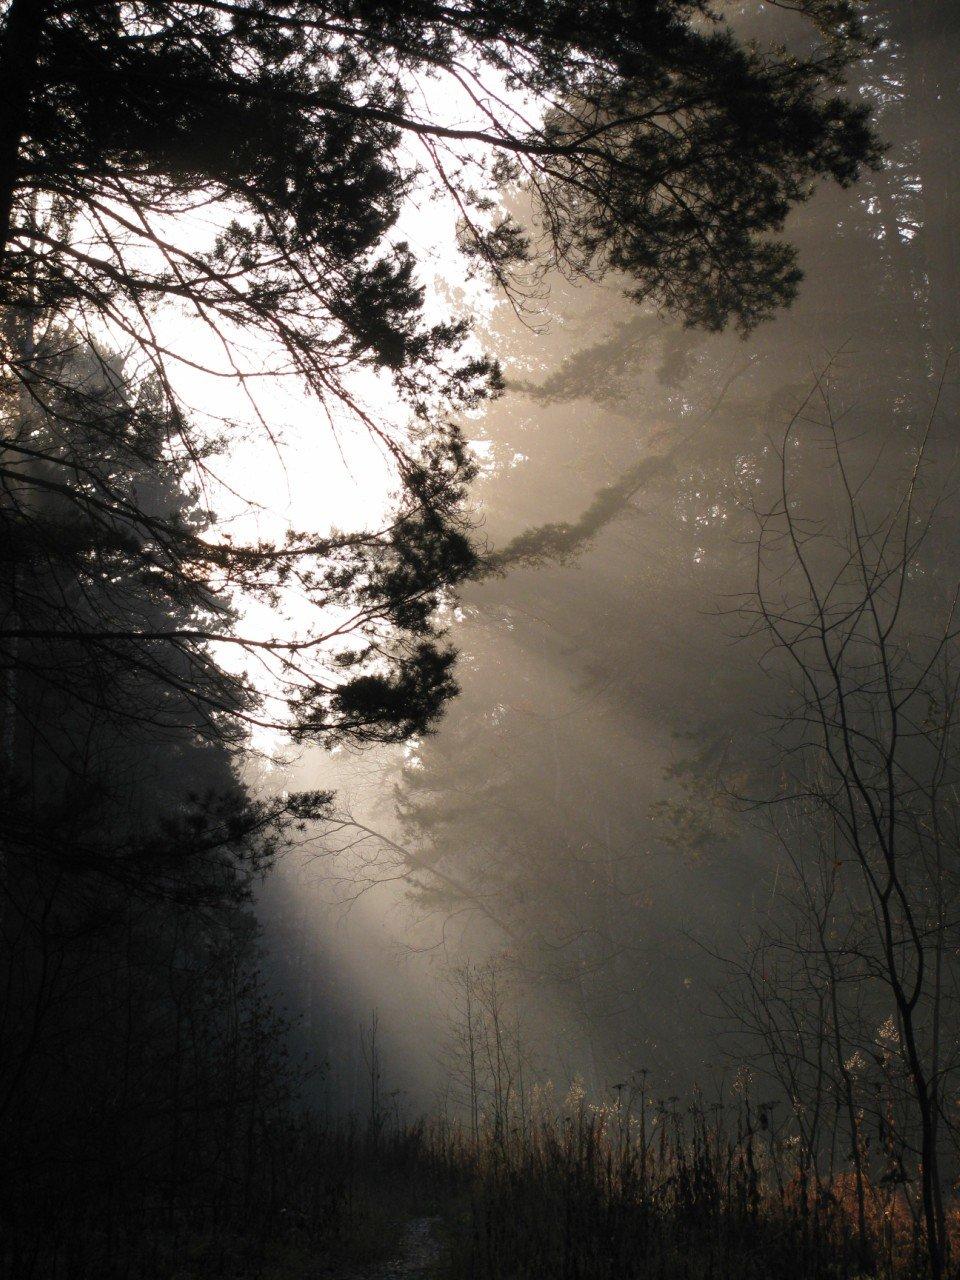 Осень. Утро.#лес #осень #туман #утро